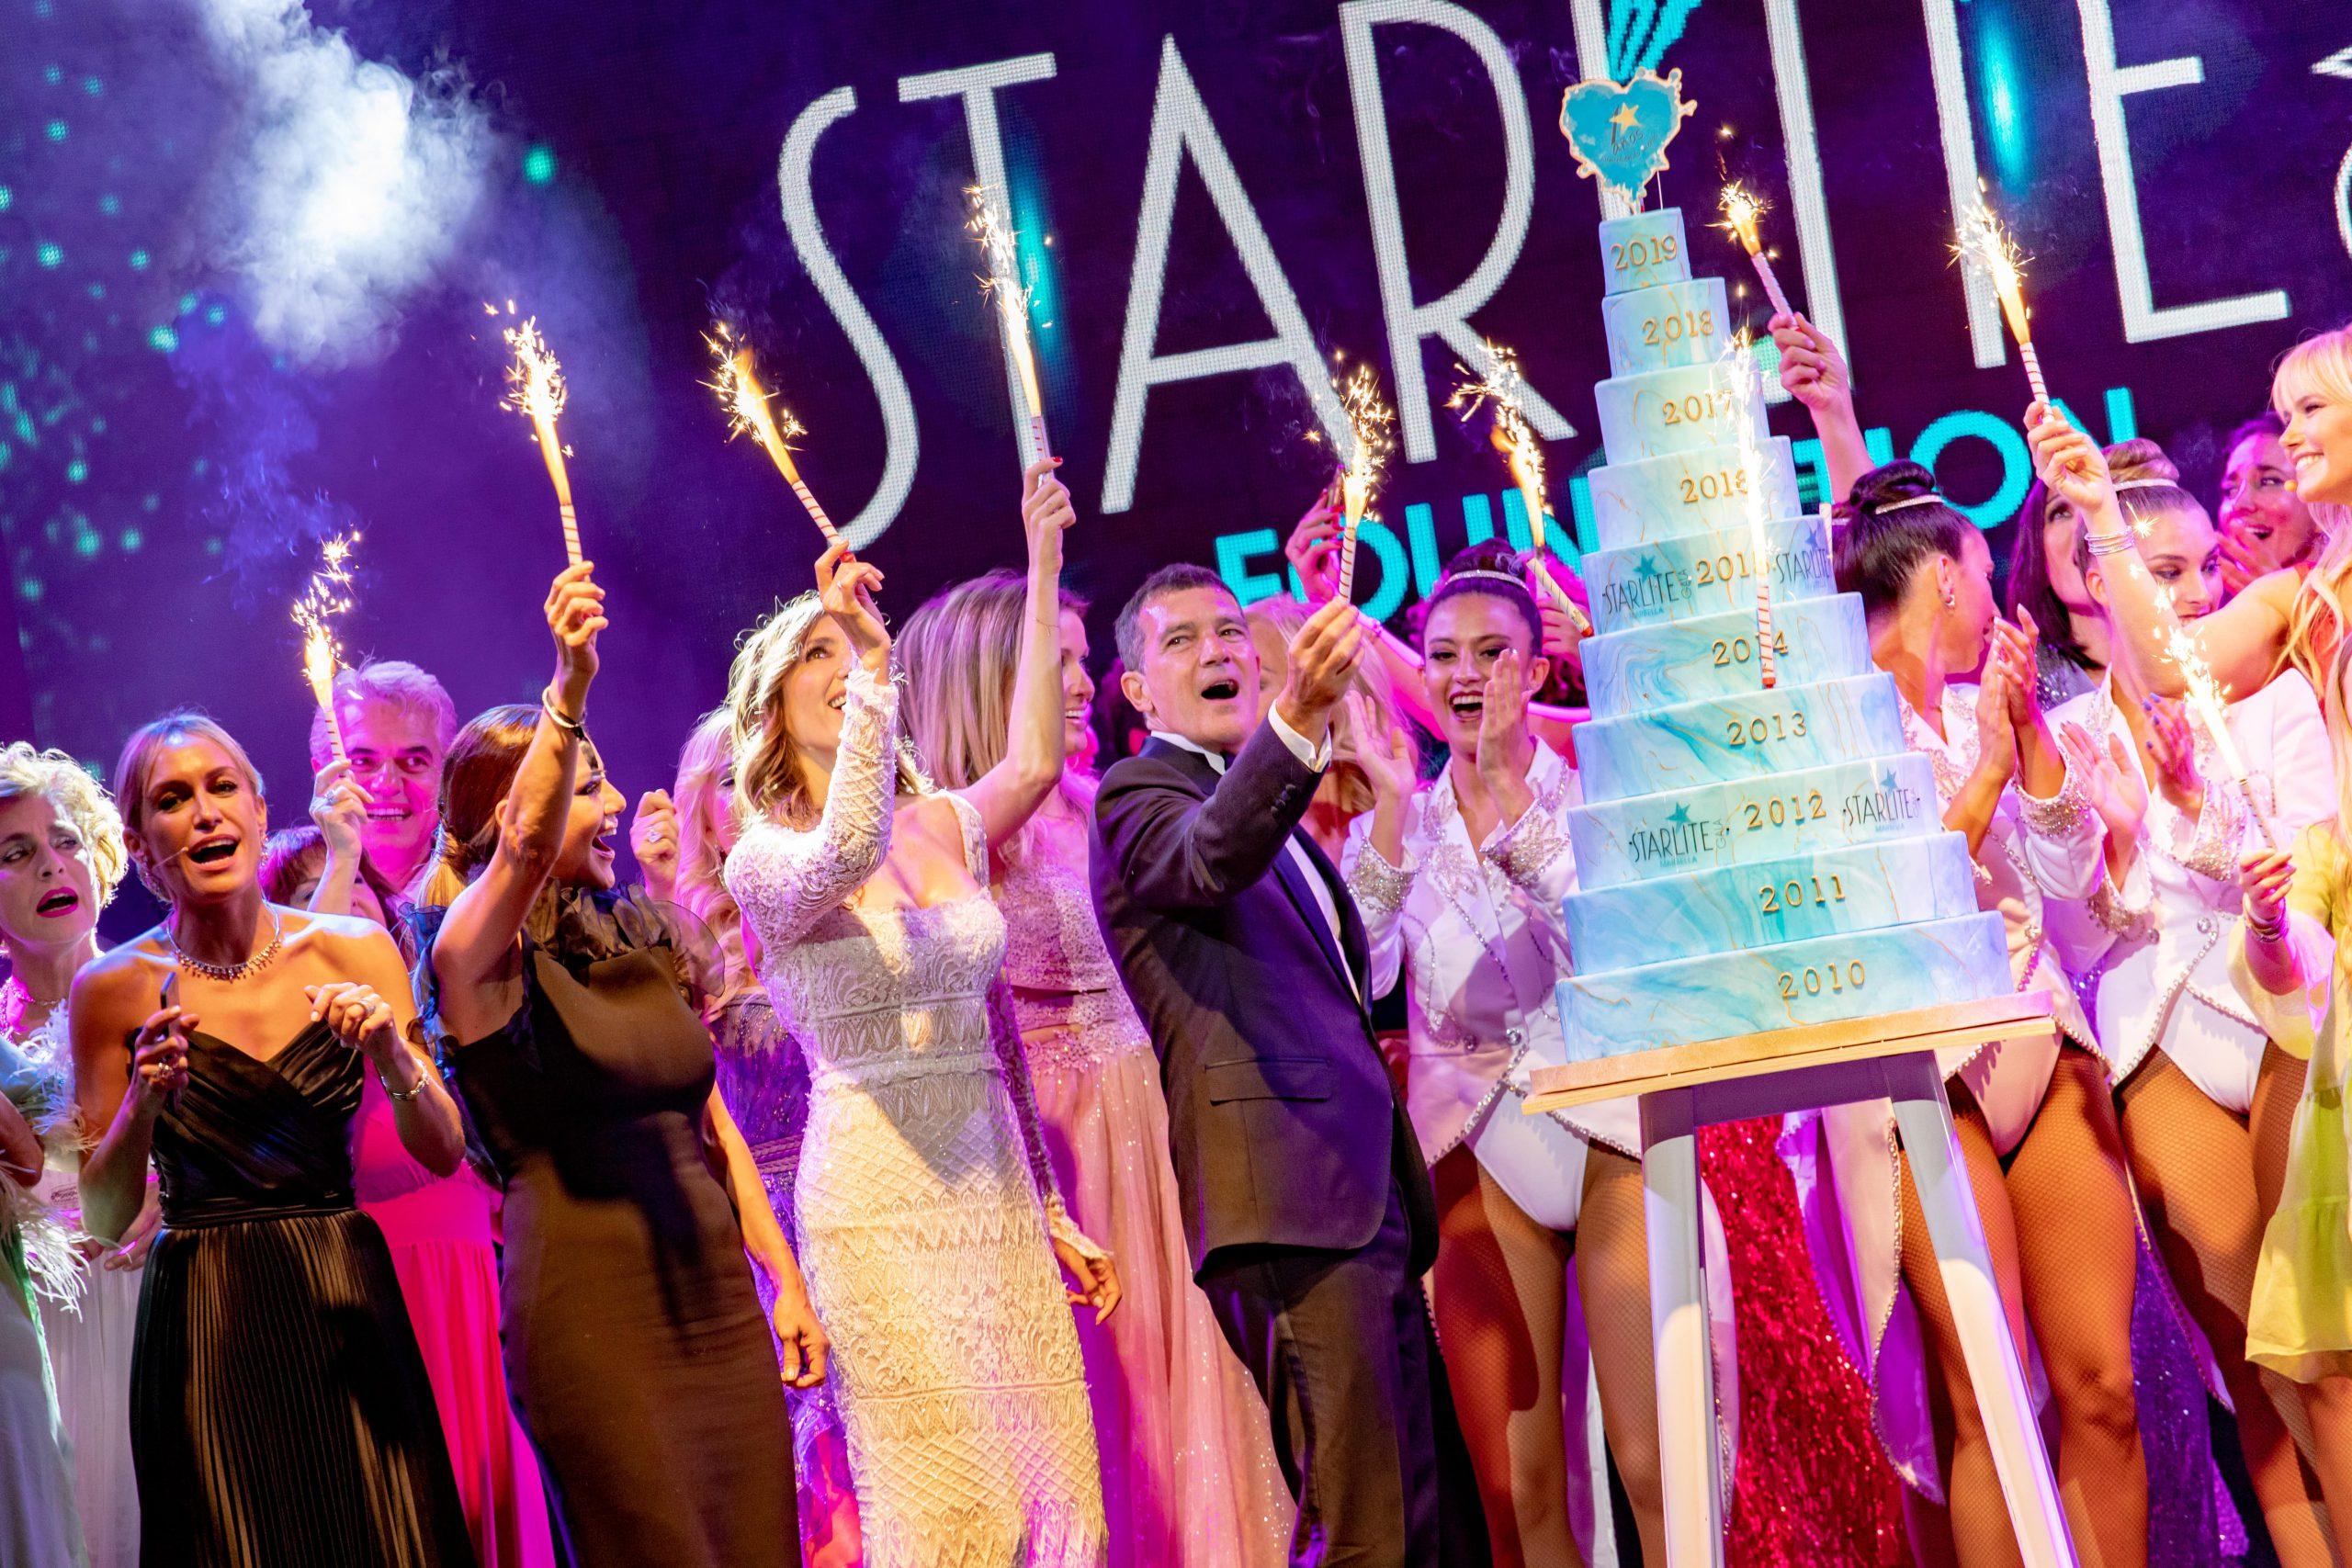 Starlite Galacelebra su XI edición en Marbella reconociendo la labor de Antonio Banderas